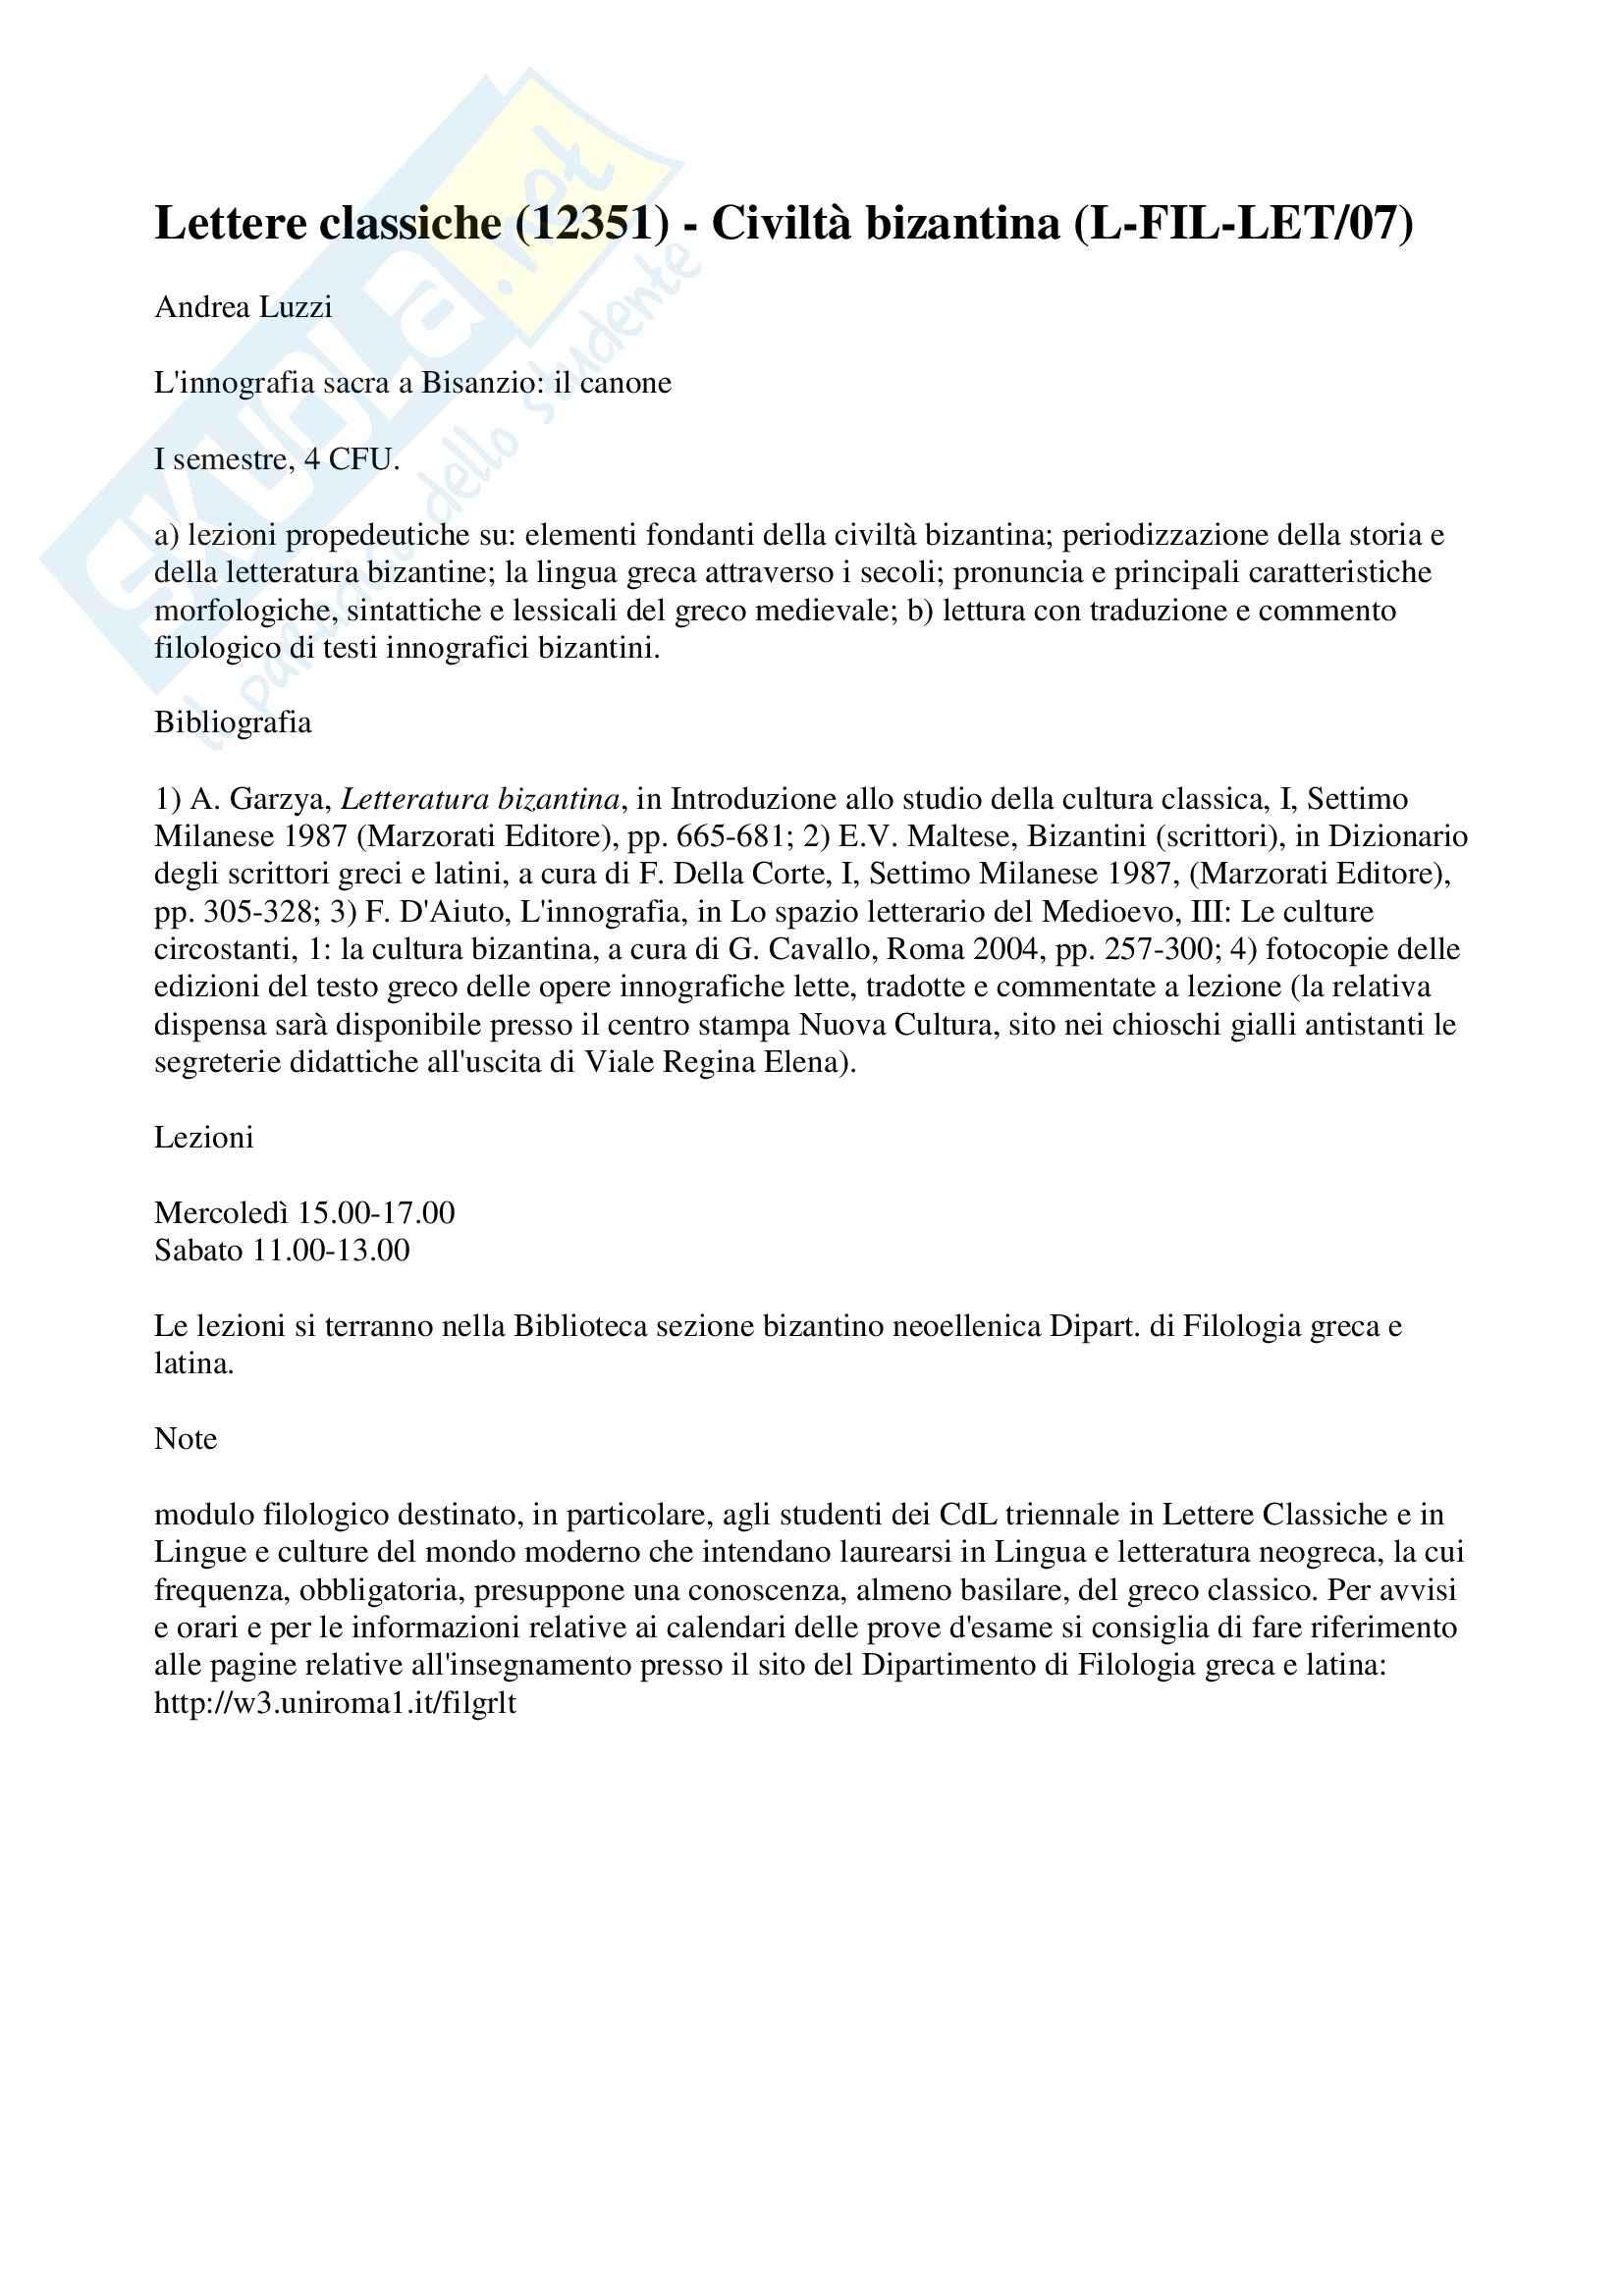 Innografia sacra a Bisanzio: il canone